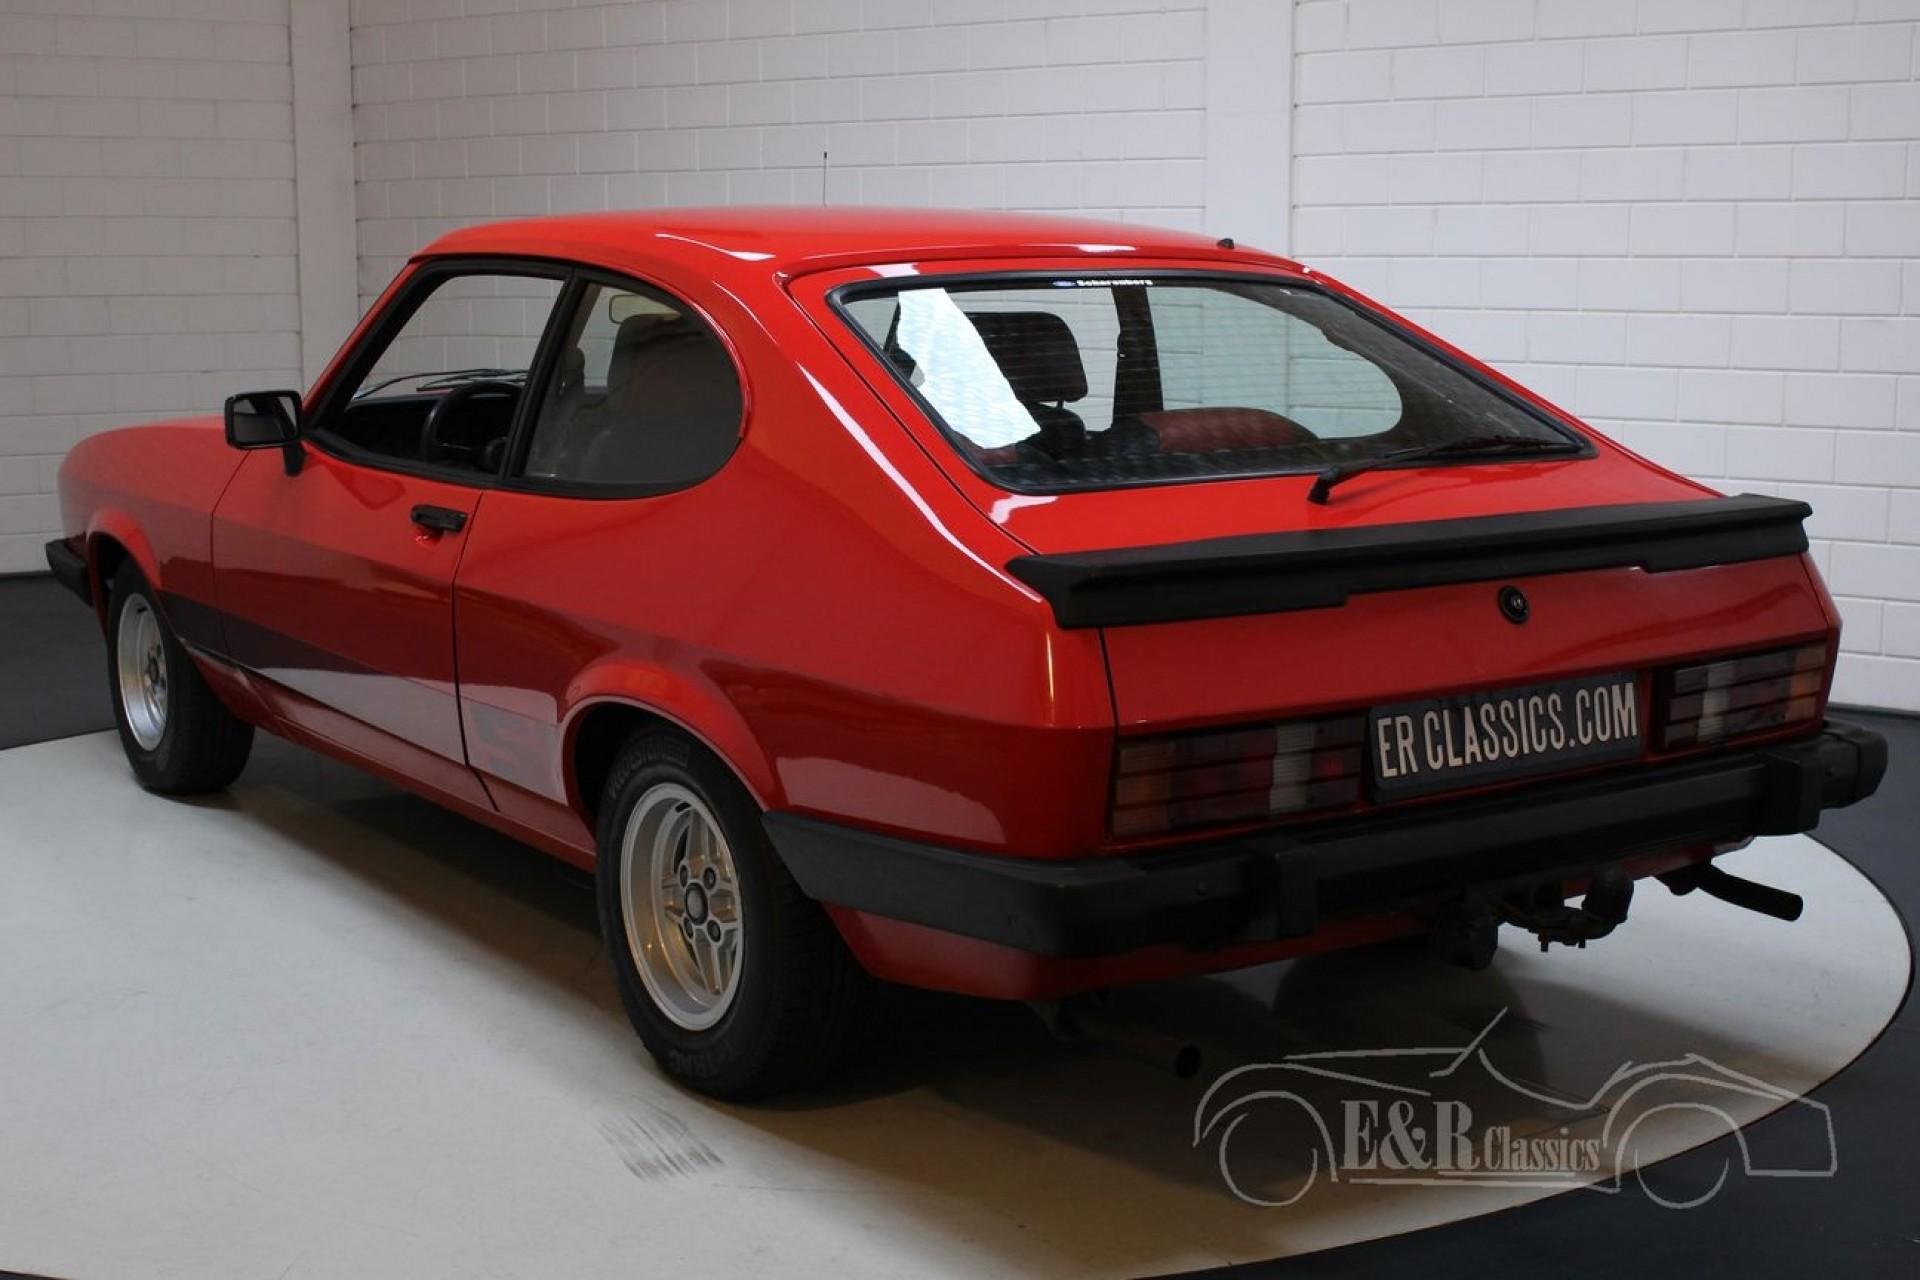 Ford Capri Mk3 2 0 S 1978 For Sale At Erclassics